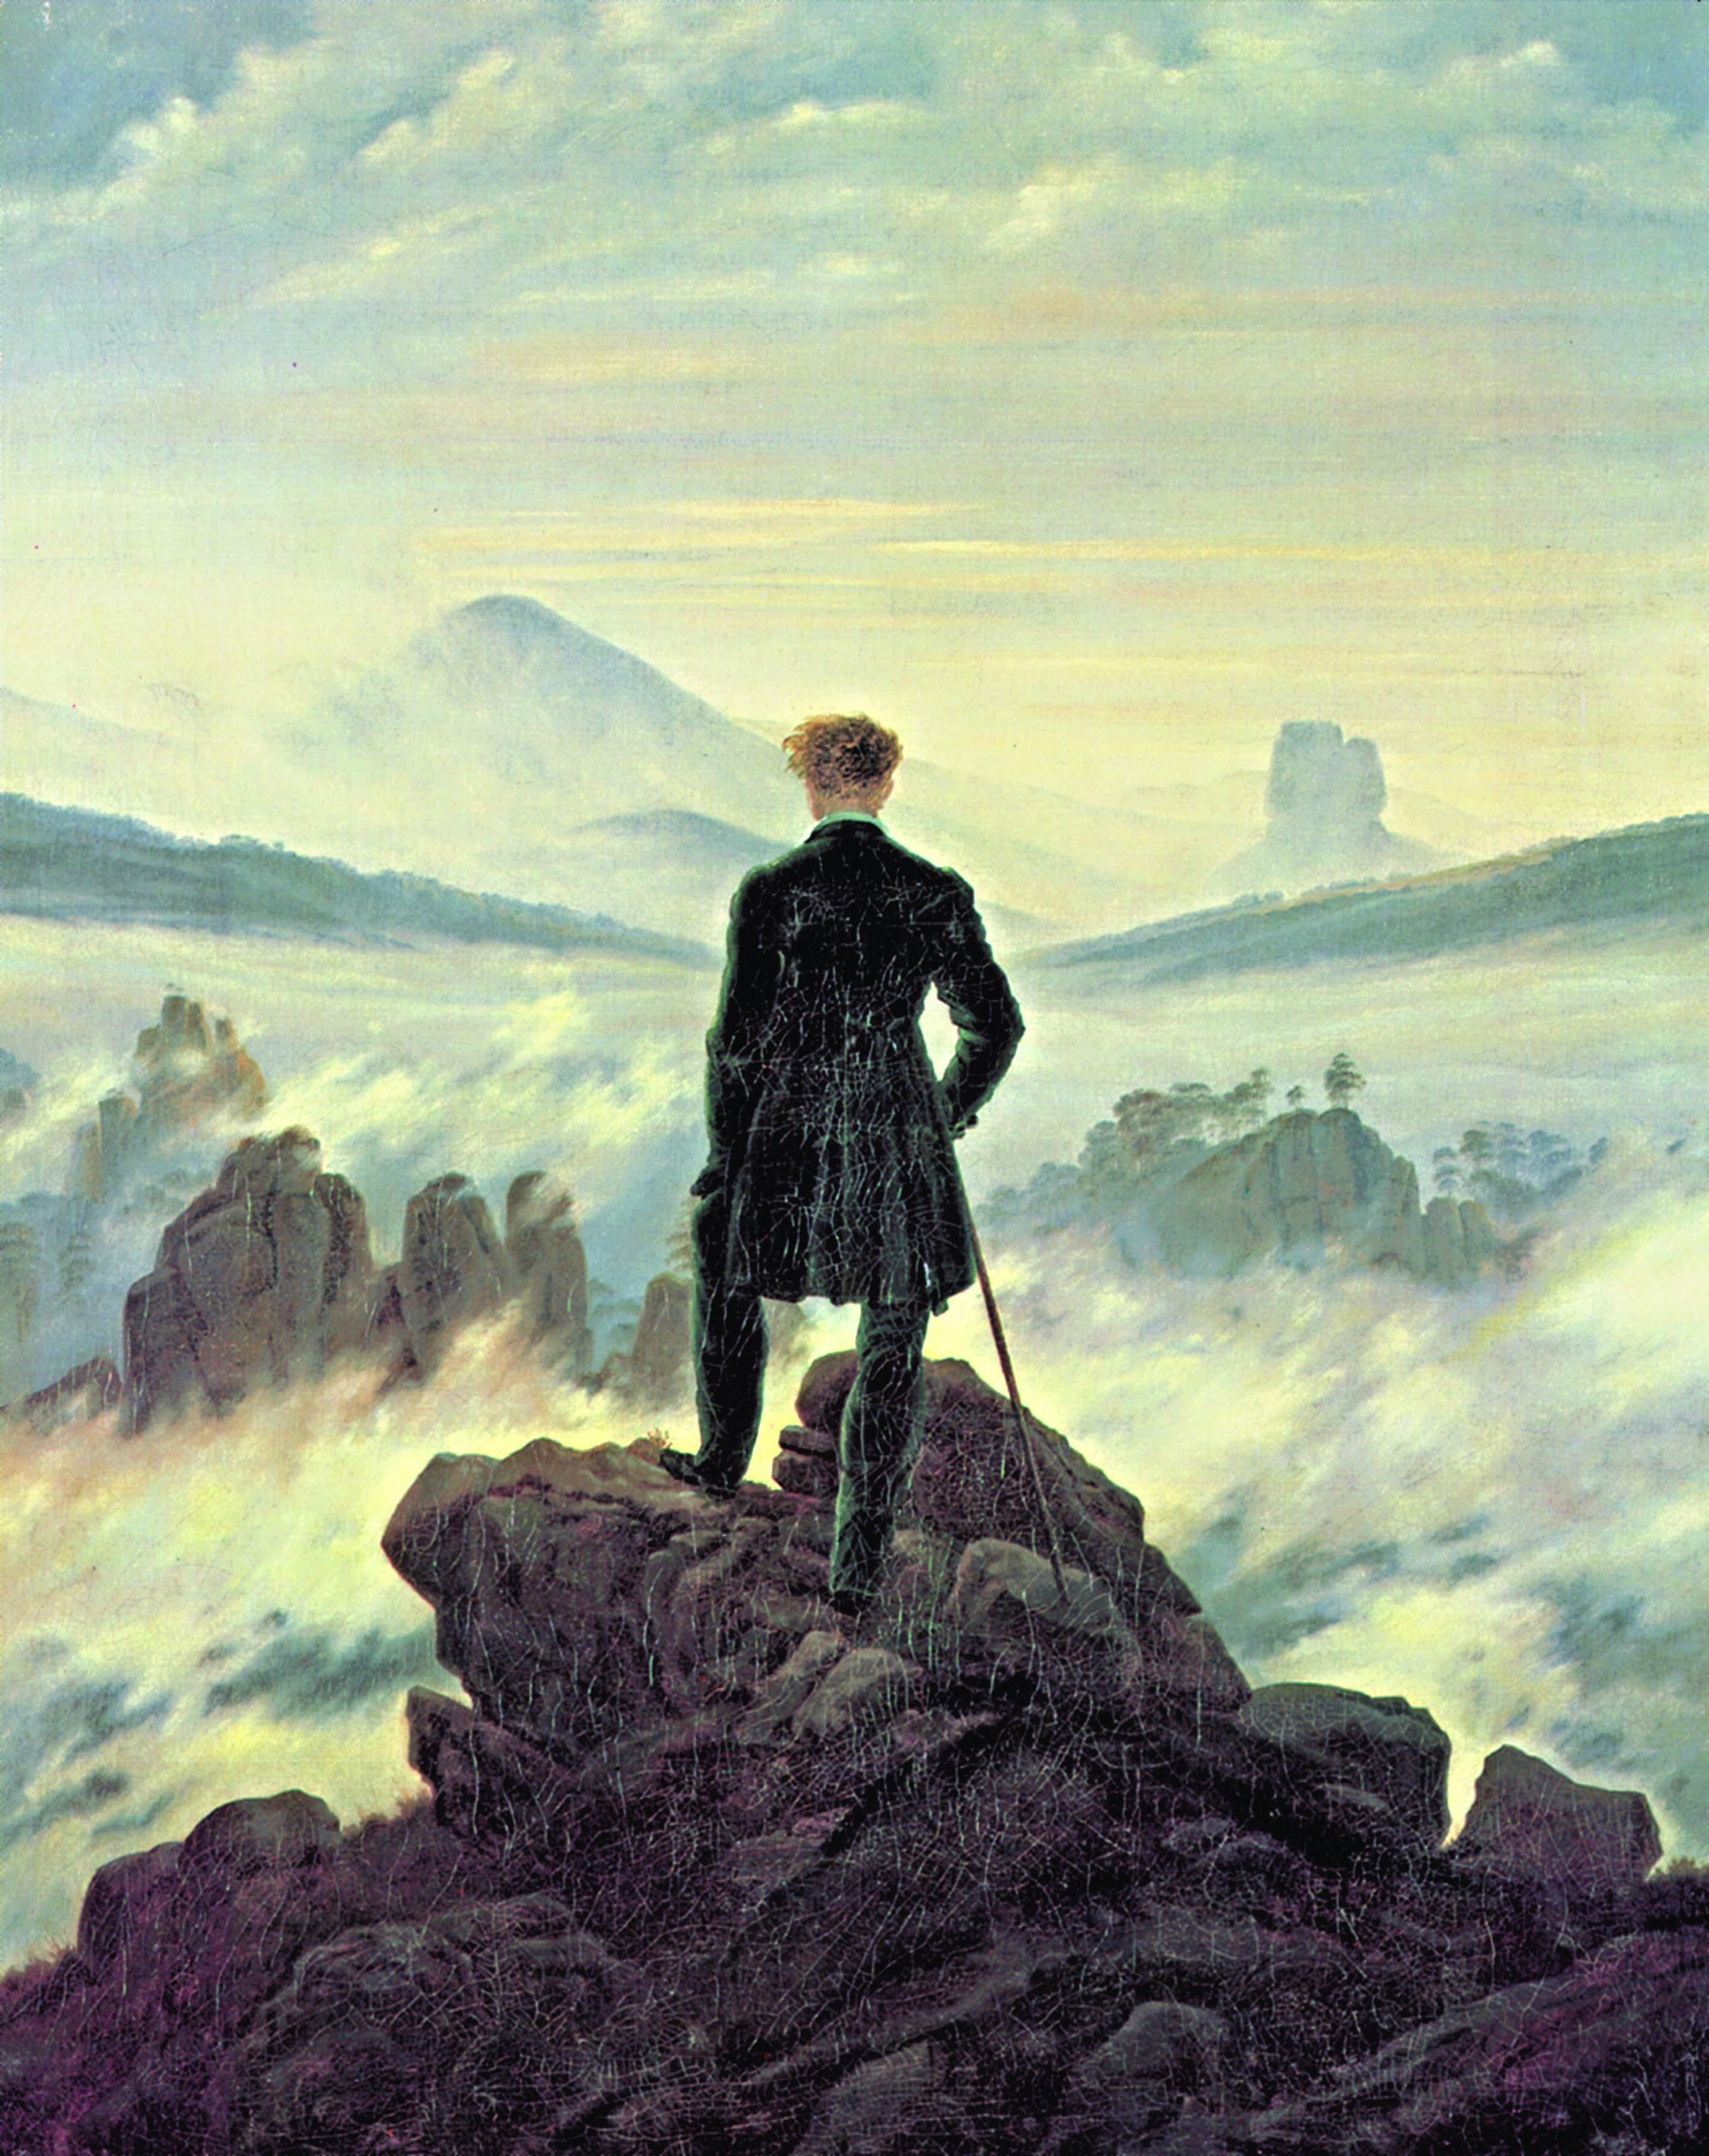 Podróżnik Po Morzu Chmur Caspar David Friedrich Aleklasa